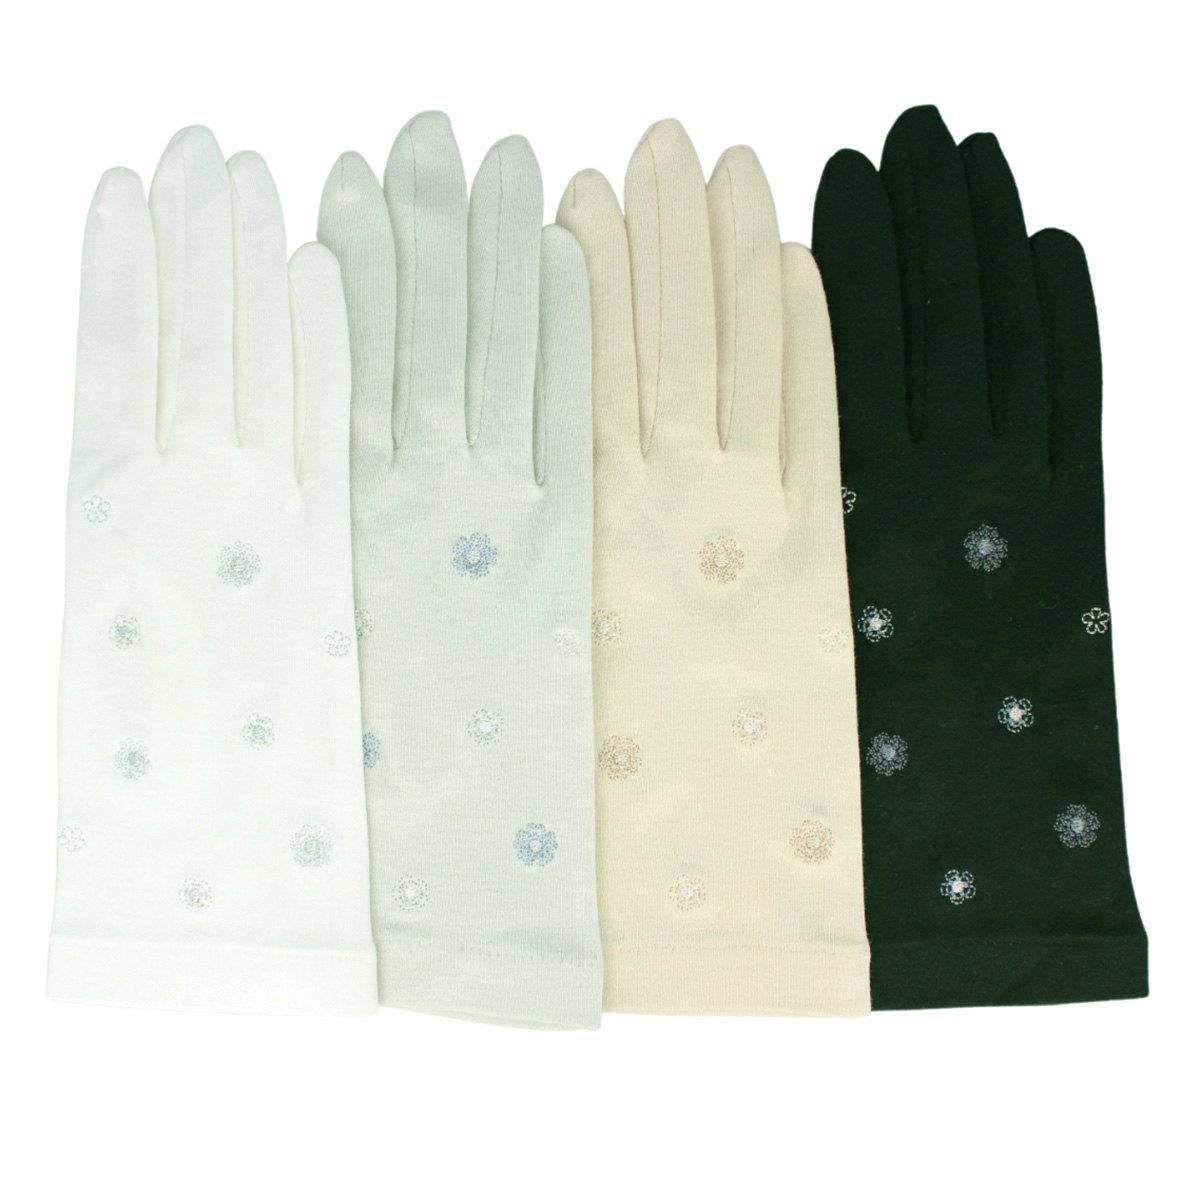 【 21年SS新作 】ローラアシュレイ レディース UV手袋 UVカット 紫外線対策 綿100% ショート丈 24cm 五本指  洗える シンプル かわいい 花柄 プレゼント